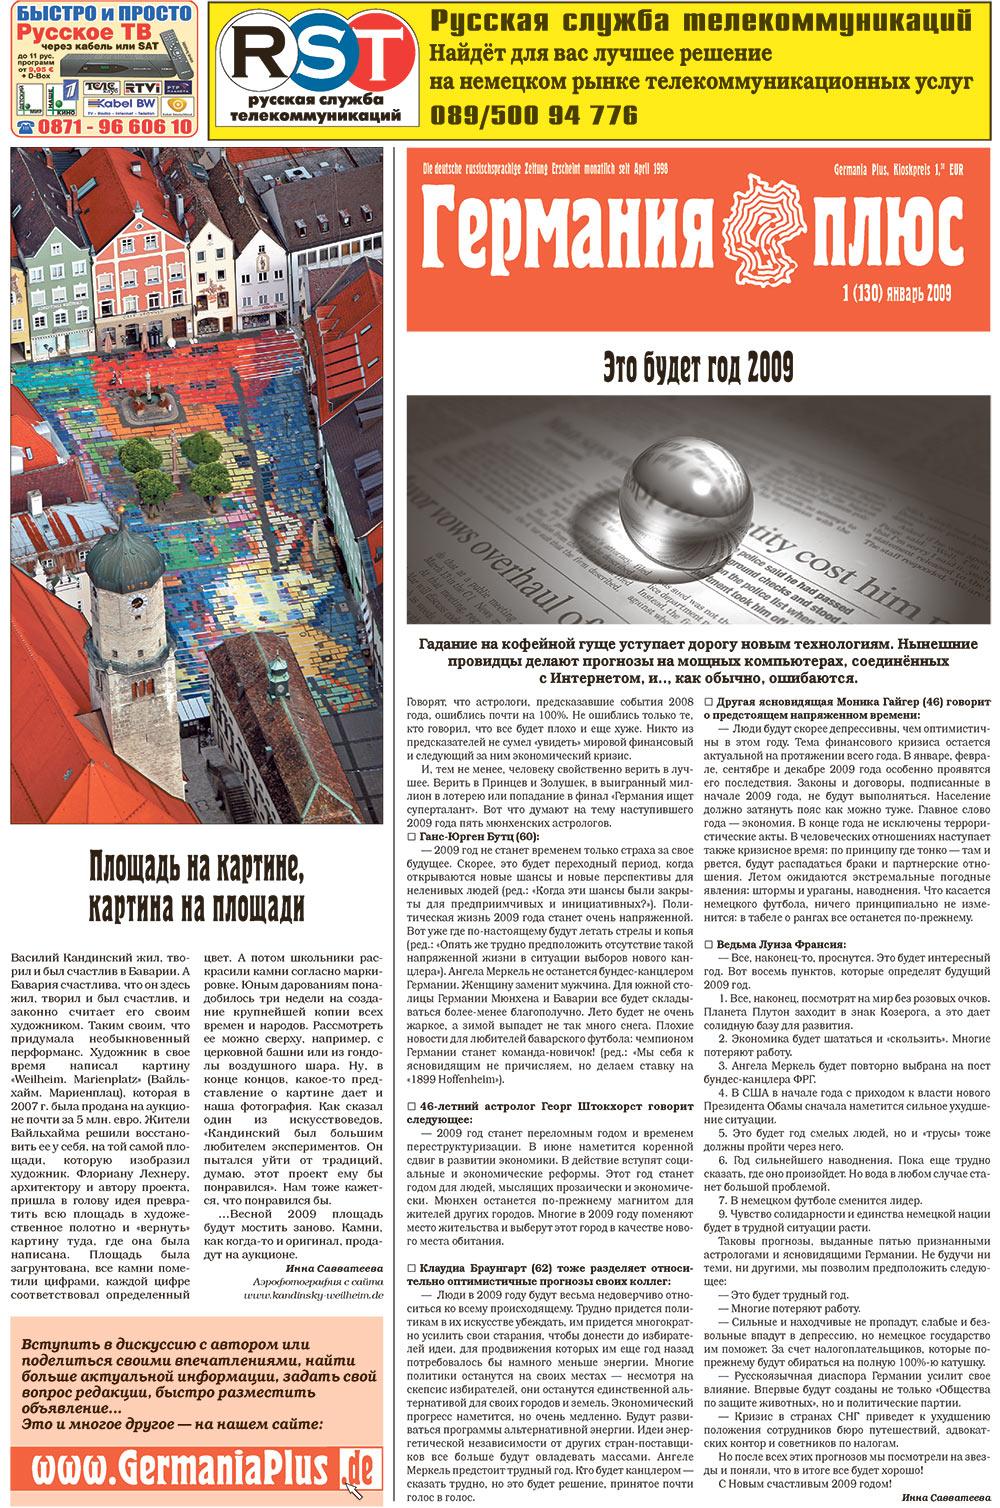 Германия плюс (газета). 2009 год, номер 1, стр. 1